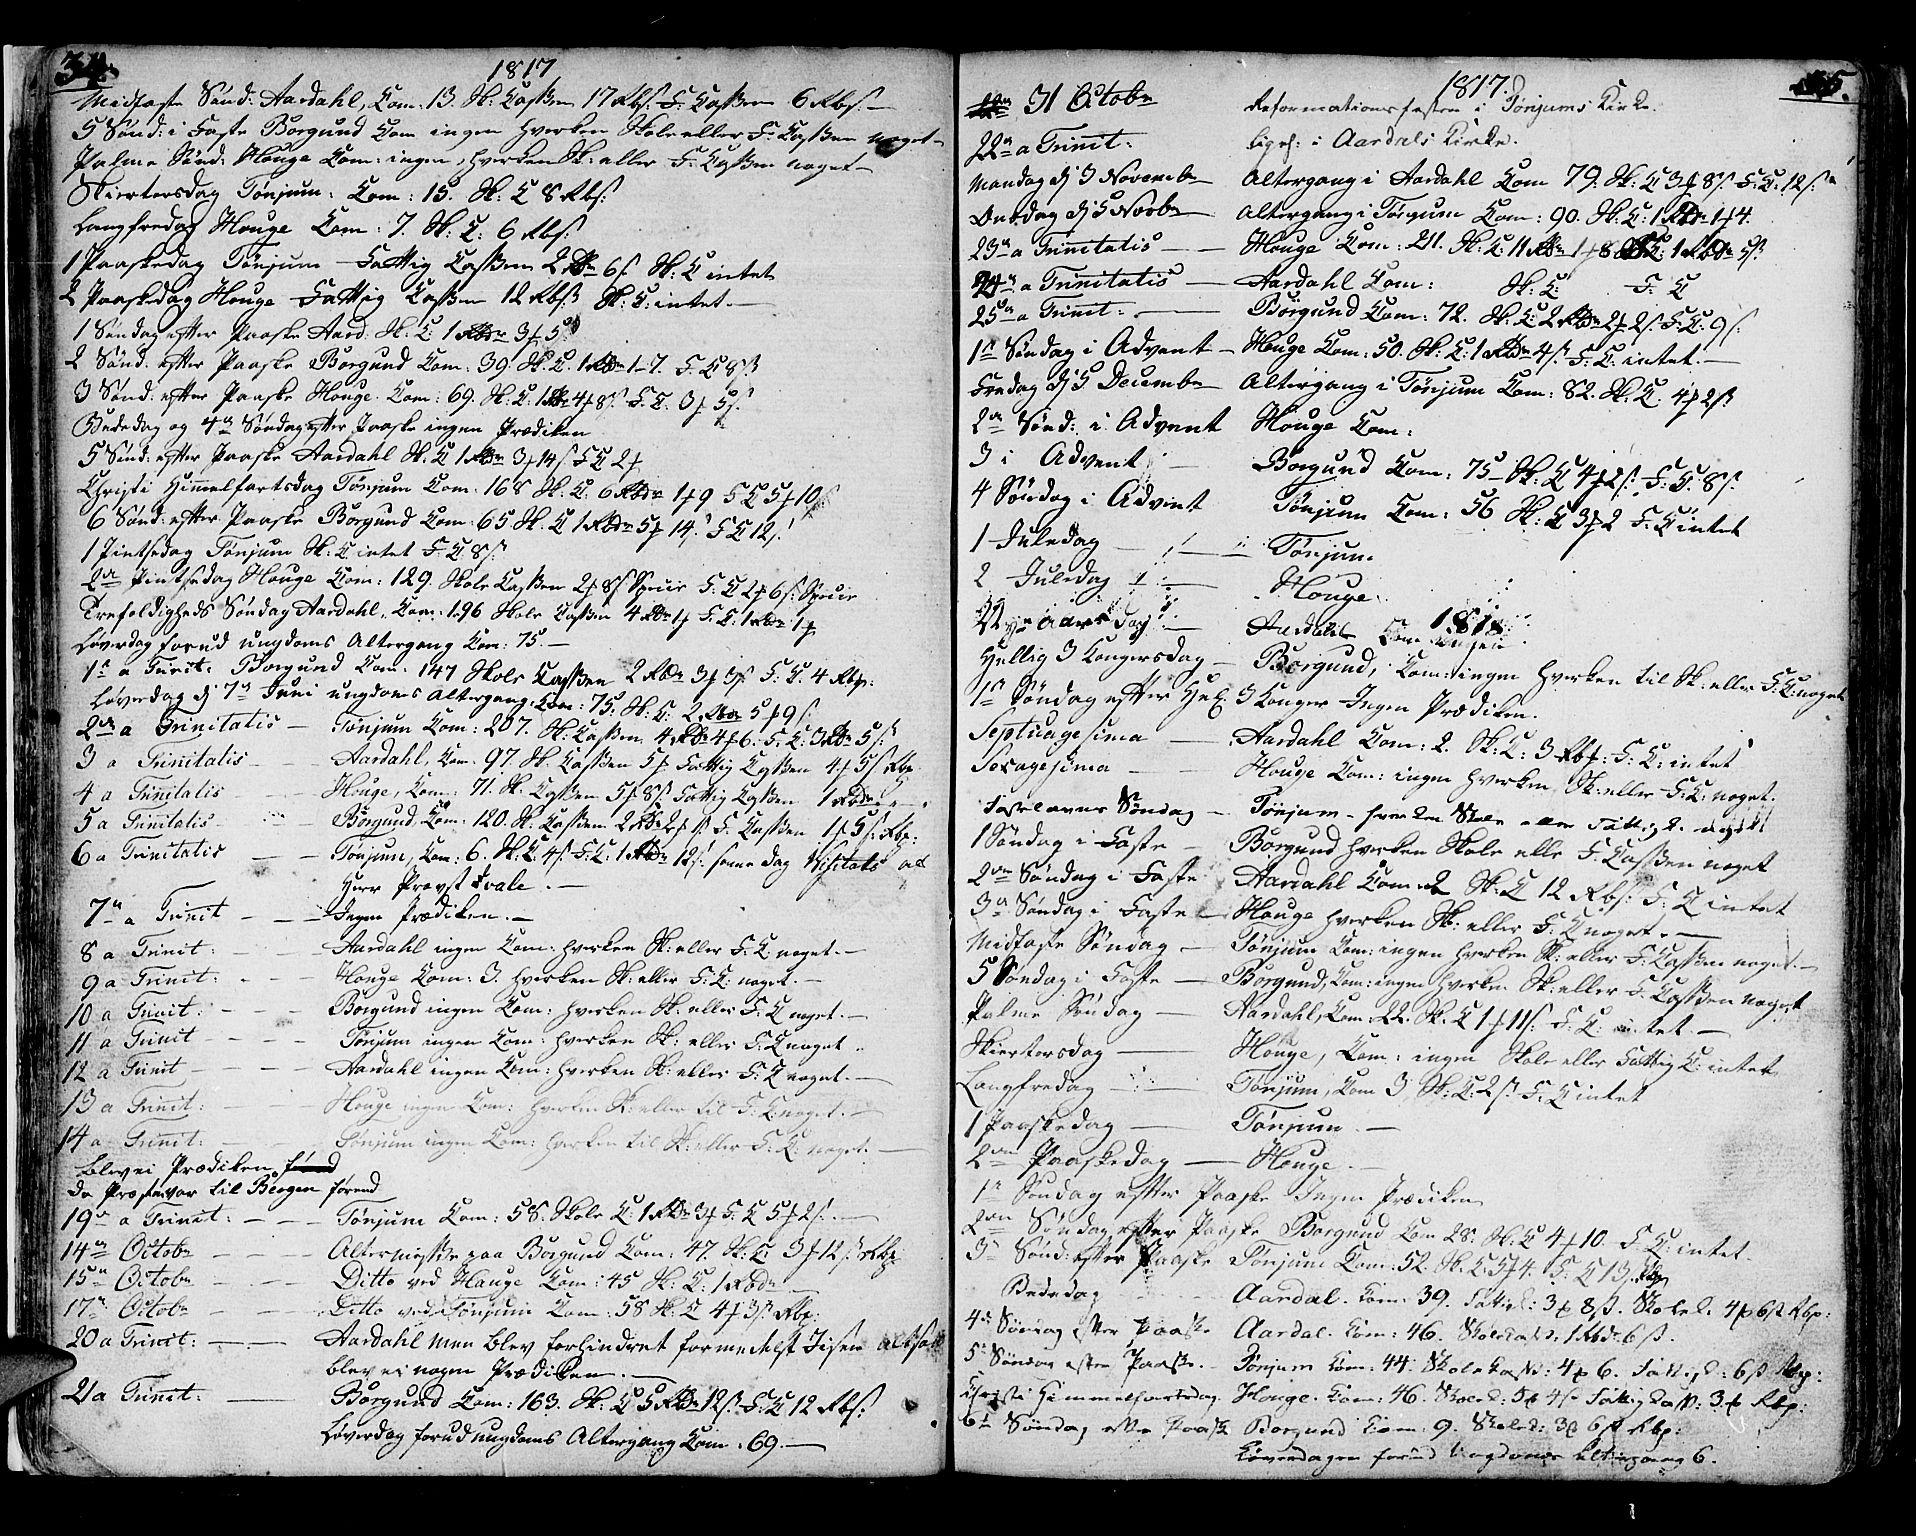 SAB, Lærdal sokneprestembete, Ministerialbok nr. A 4, 1805-1821, s. 34-35